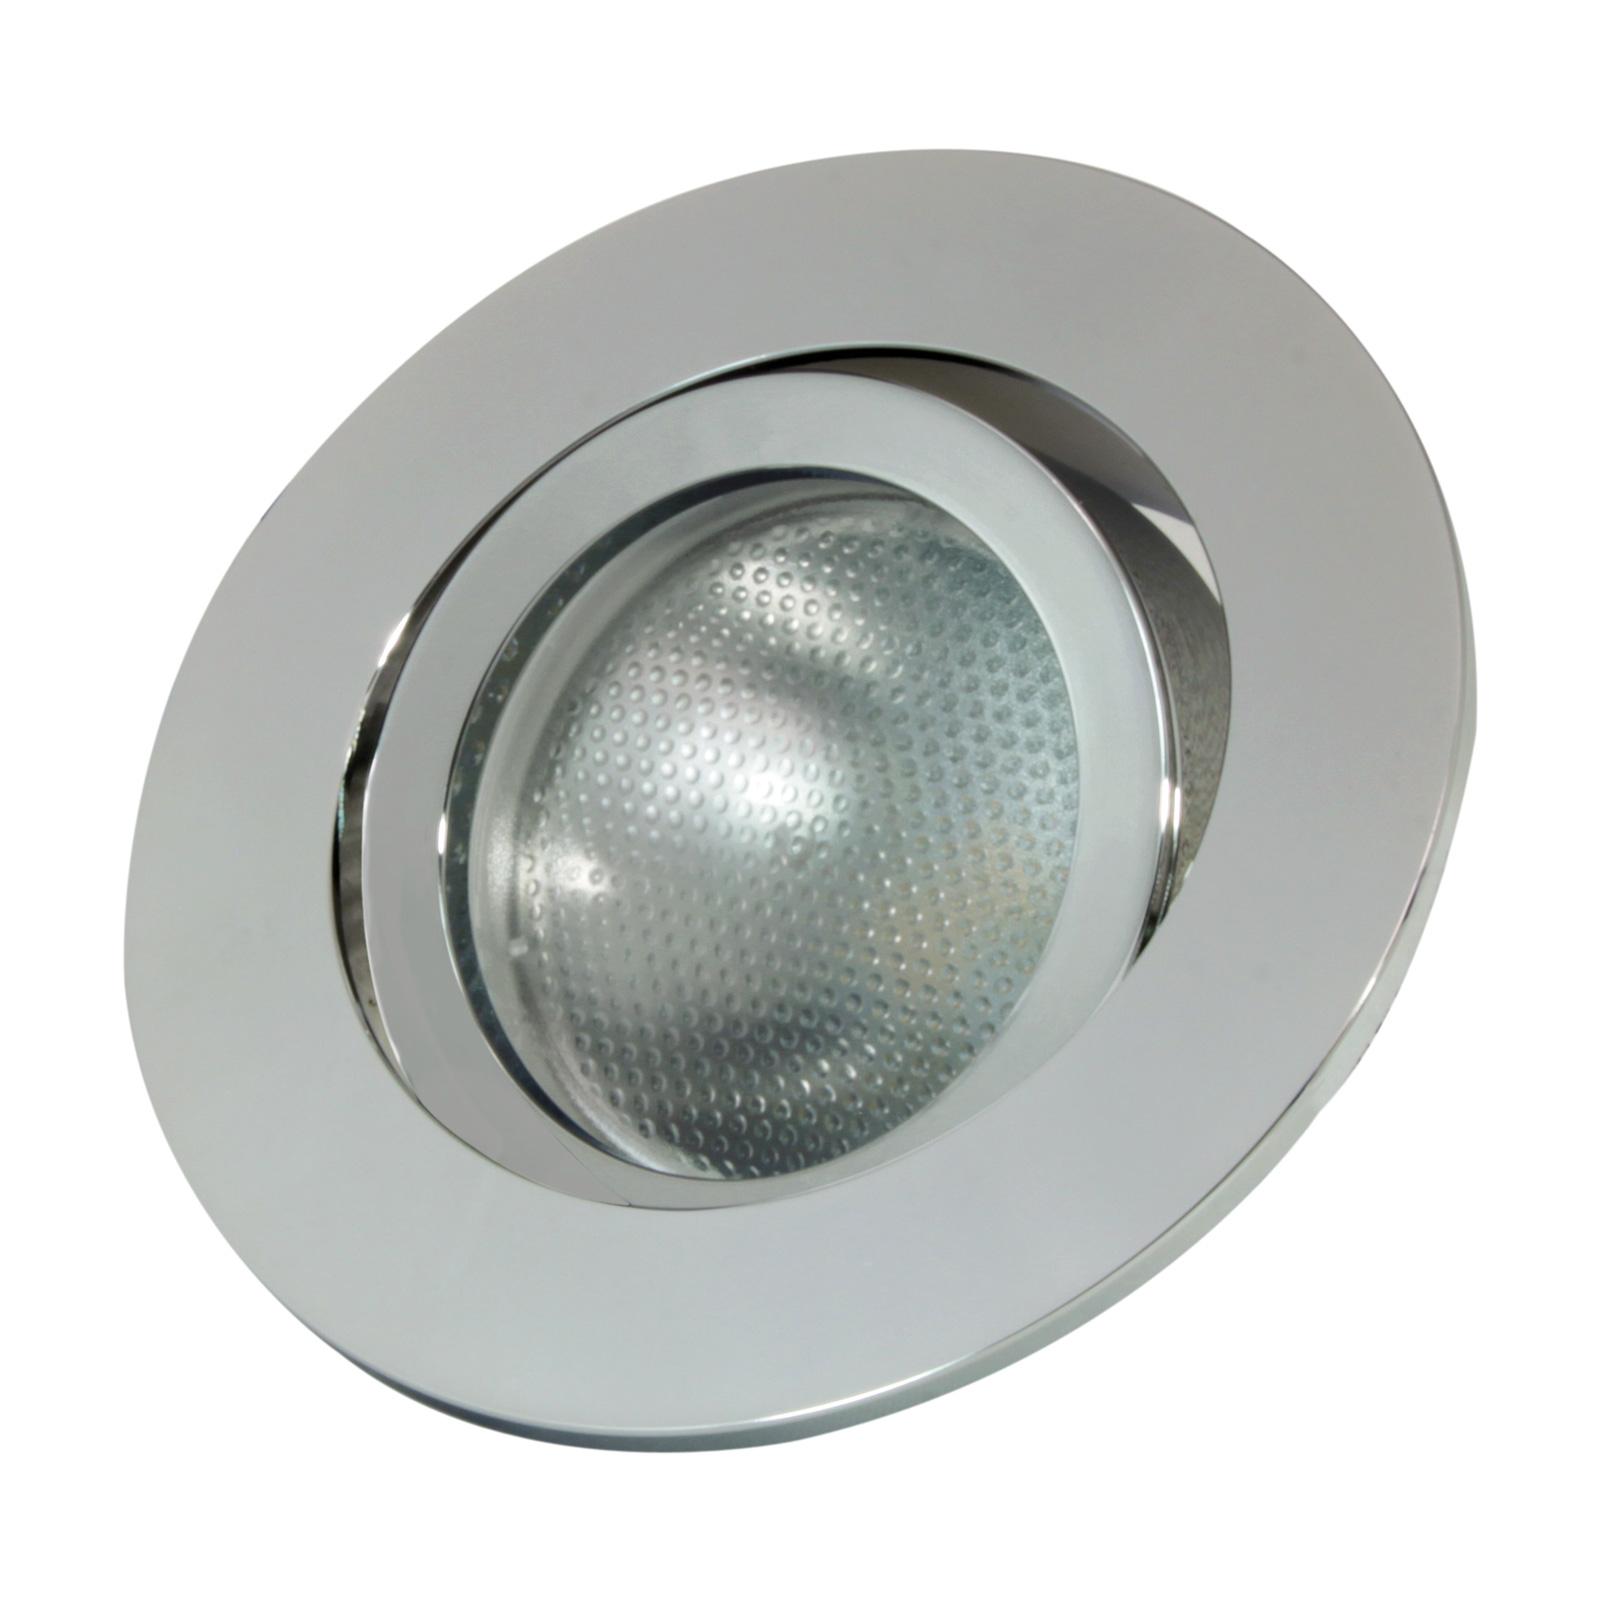 LED-Einbauring Decoclic GU10/GU5.3, rund, silber